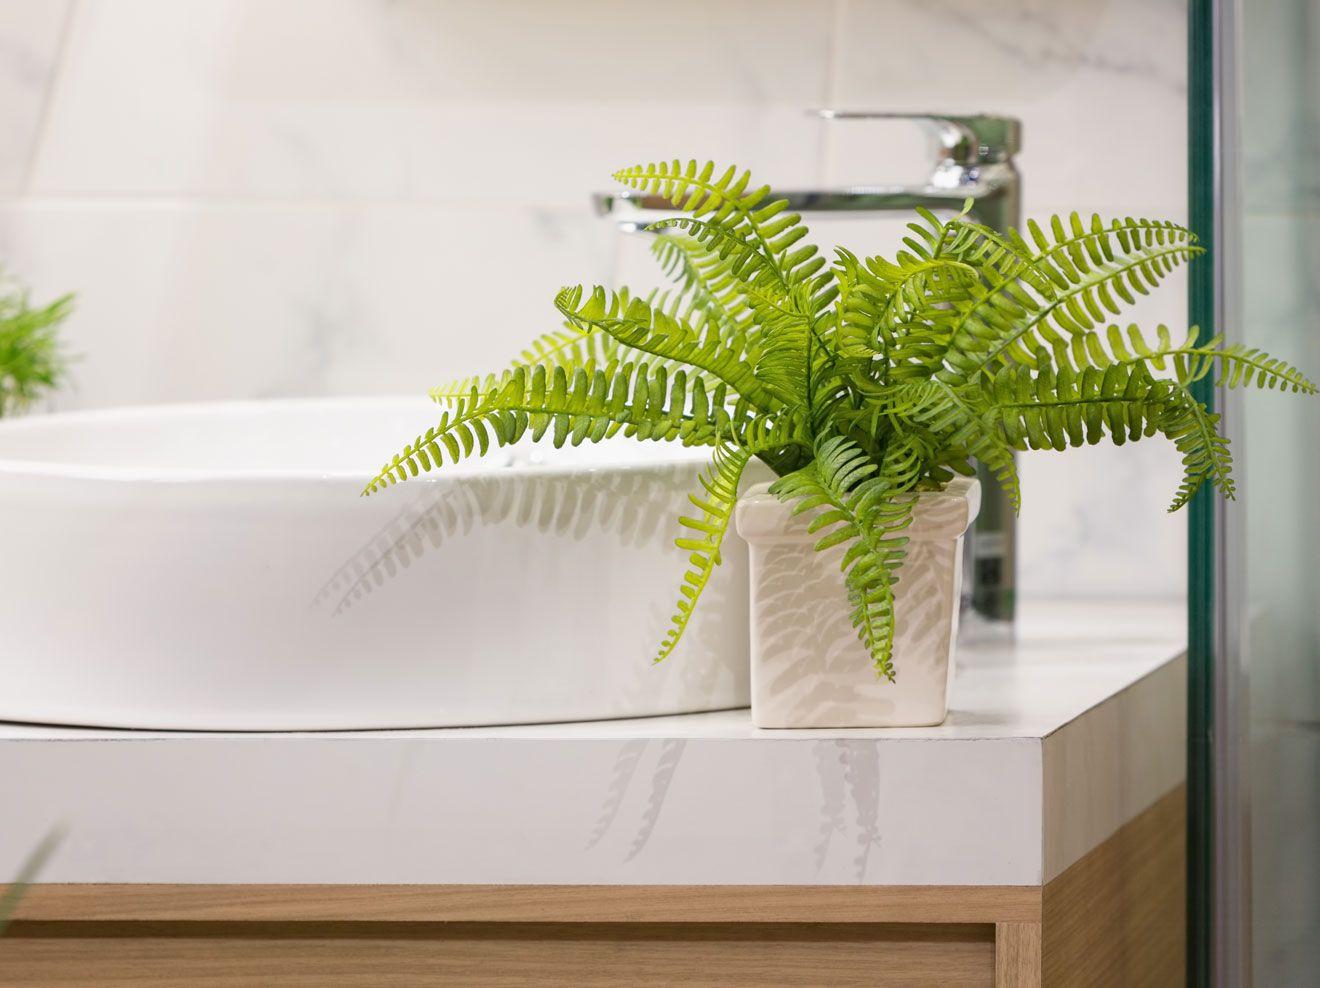 Pflanzen Im Badezimmer Sind Schon Anzusehen Und Sorgen Fur Ein Gutes Raumklima Diese Funf Pflanzen Sind Bes Badezimmerpflanzen Pflanzen Im Badezimmer Pflanzen